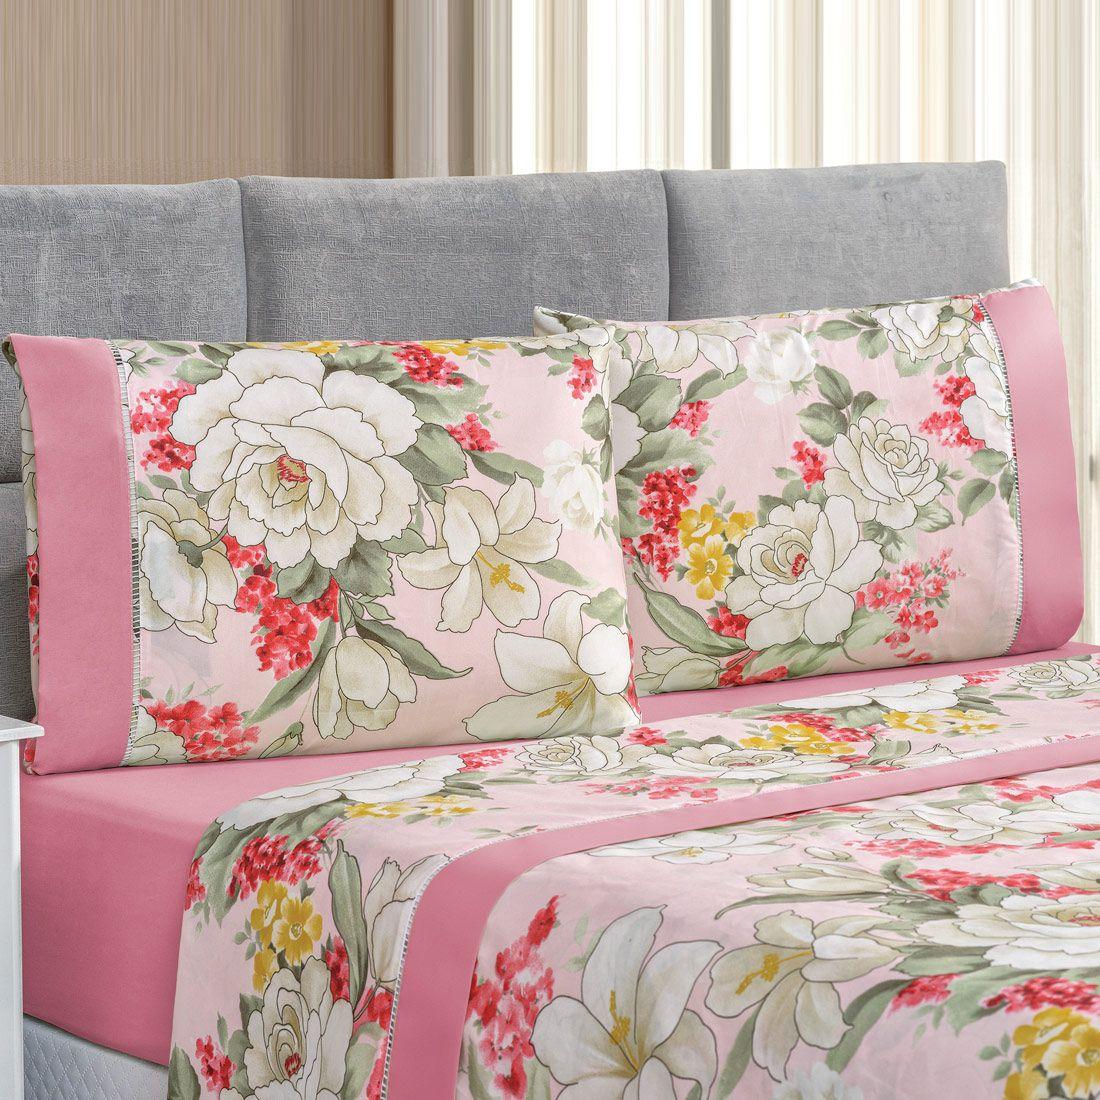 Jogo de Cama Forest Floral Rosa Casal Micropercal 200 Fios 04 Peças